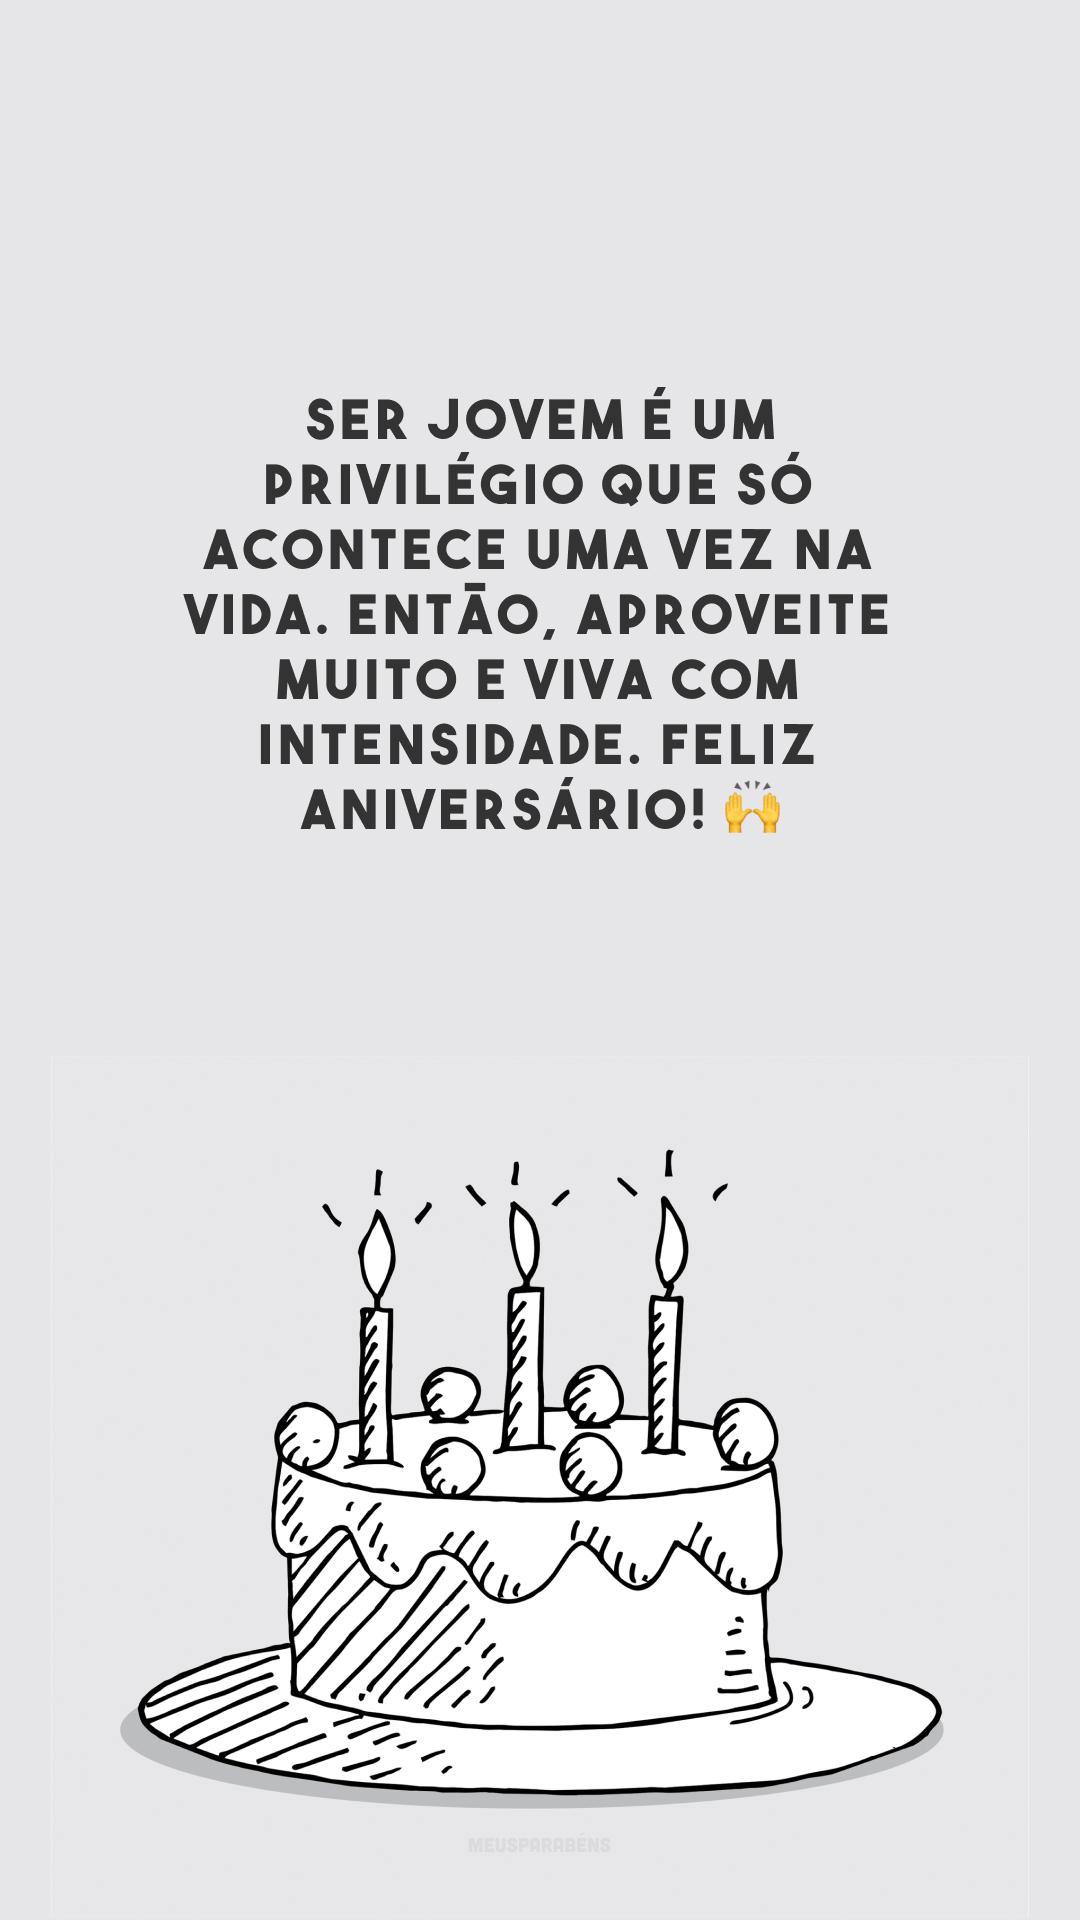 Ser jovem é um privilégio que só acontece uma vez na vida. Então, aproveite muito e viva com intensidade. Feliz aniversário!